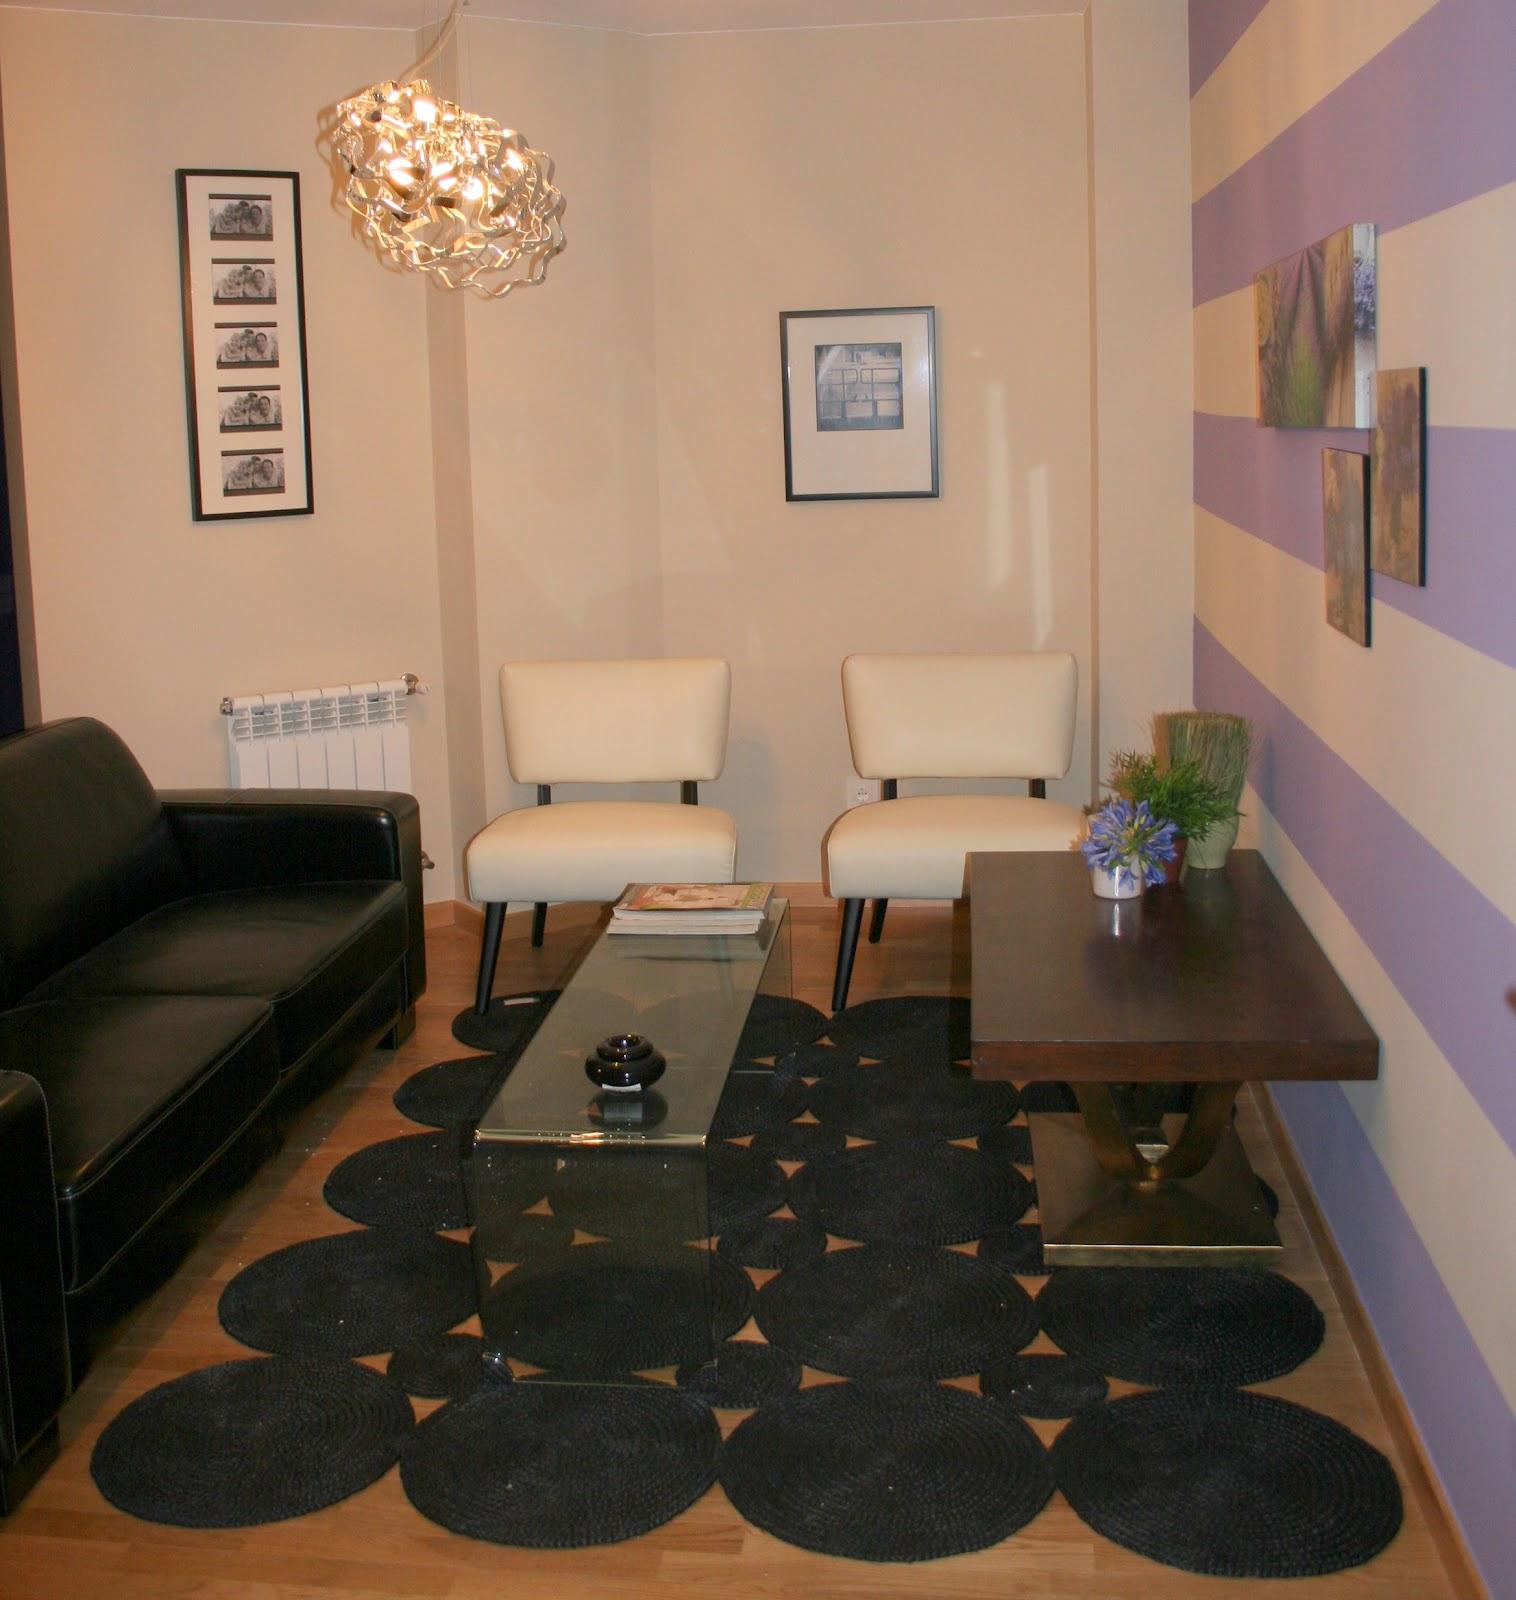 Roomyshowroom facilitar la venta y alquiler de pisos - Amueblar piso low cost ...